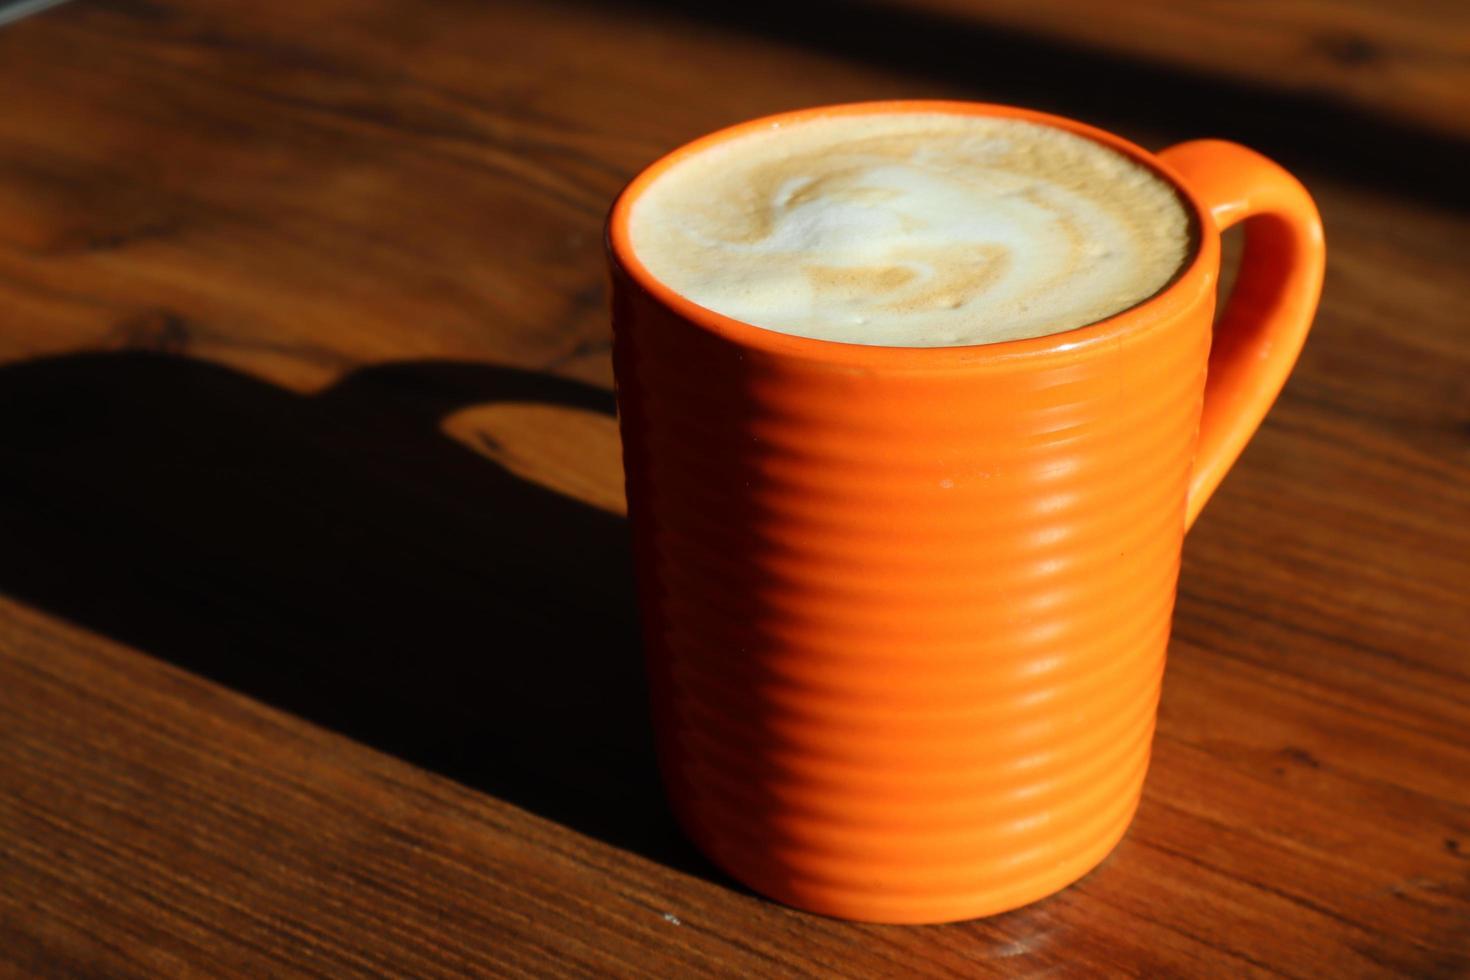 gros plan, de, une, tasse café orange photo